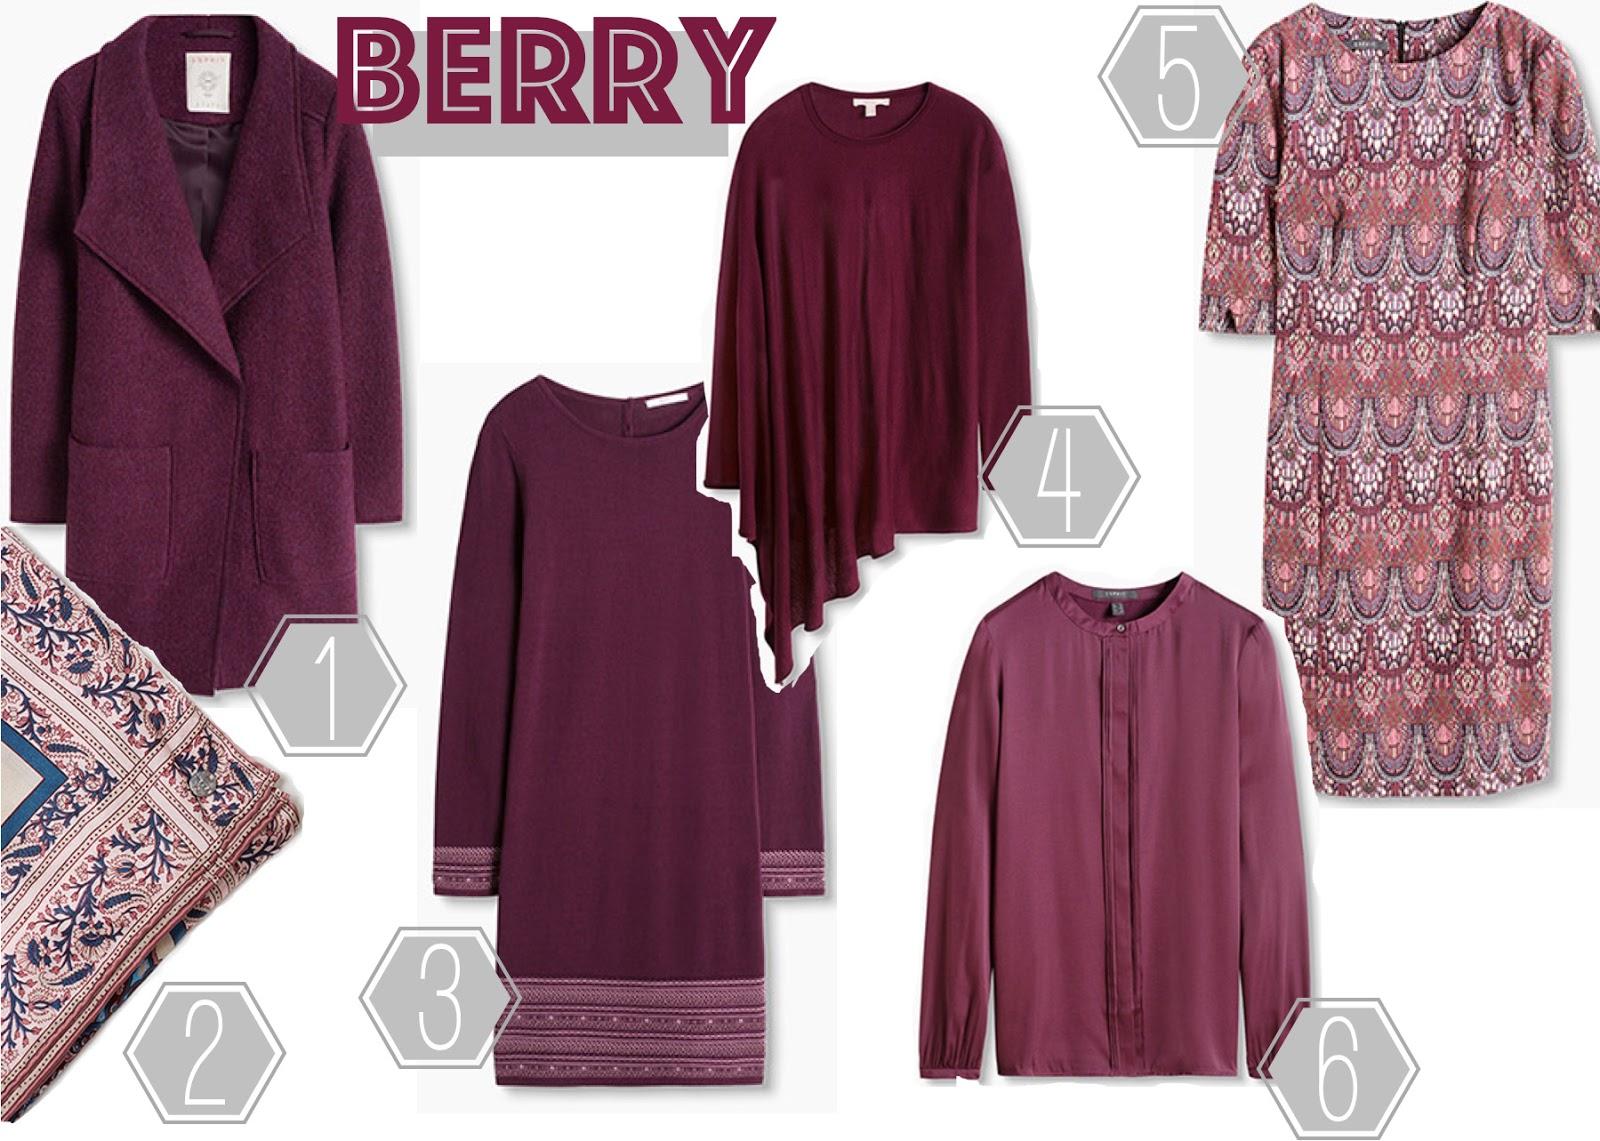 Berry Beerenfarbe Herbst Trendfarbe 2016 Herbsttrendfarbe Esprit